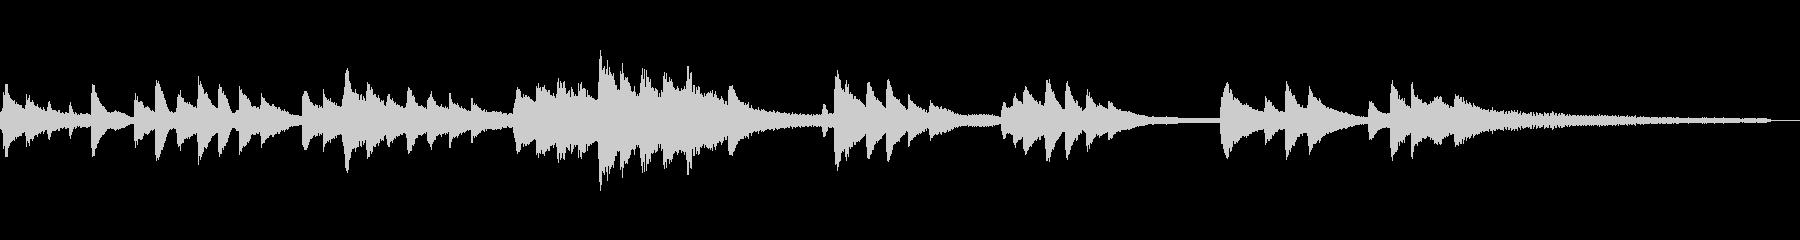 和風のジングル2b-タックピアノの未再生の波形